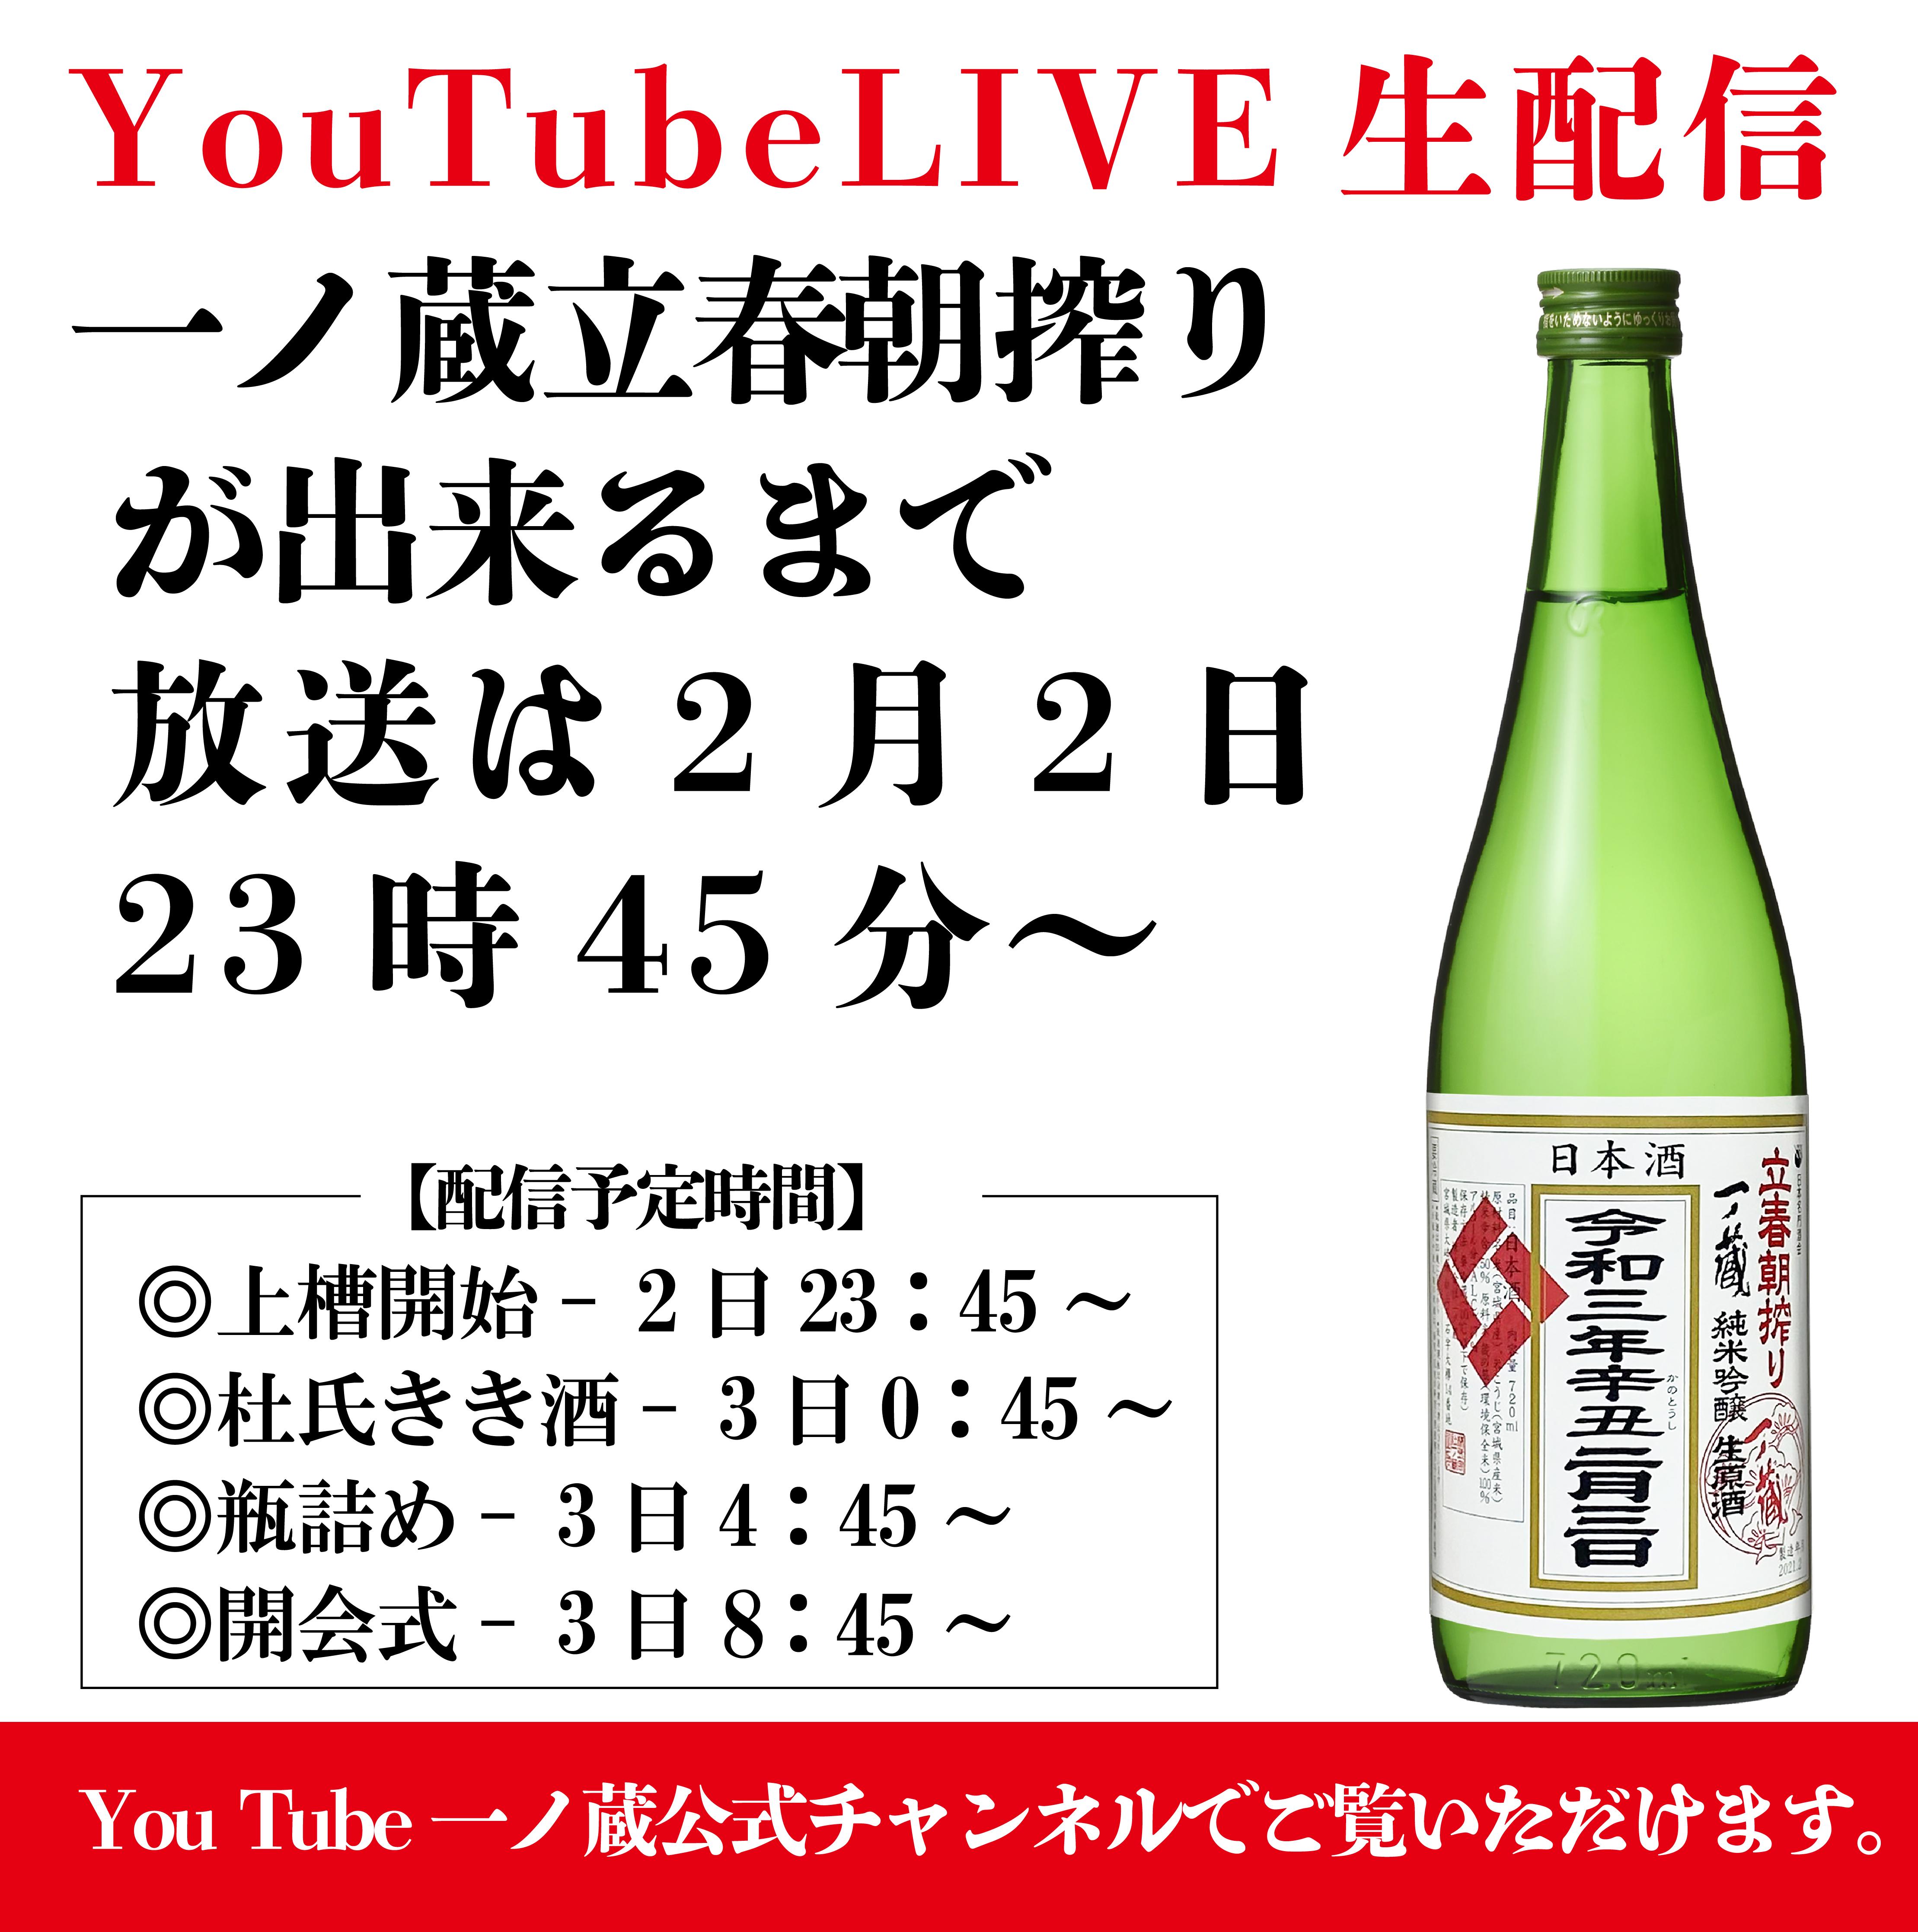 You Tube LIVE 一ノ蔵立春朝搾りが出来るまで放送のお知らせ